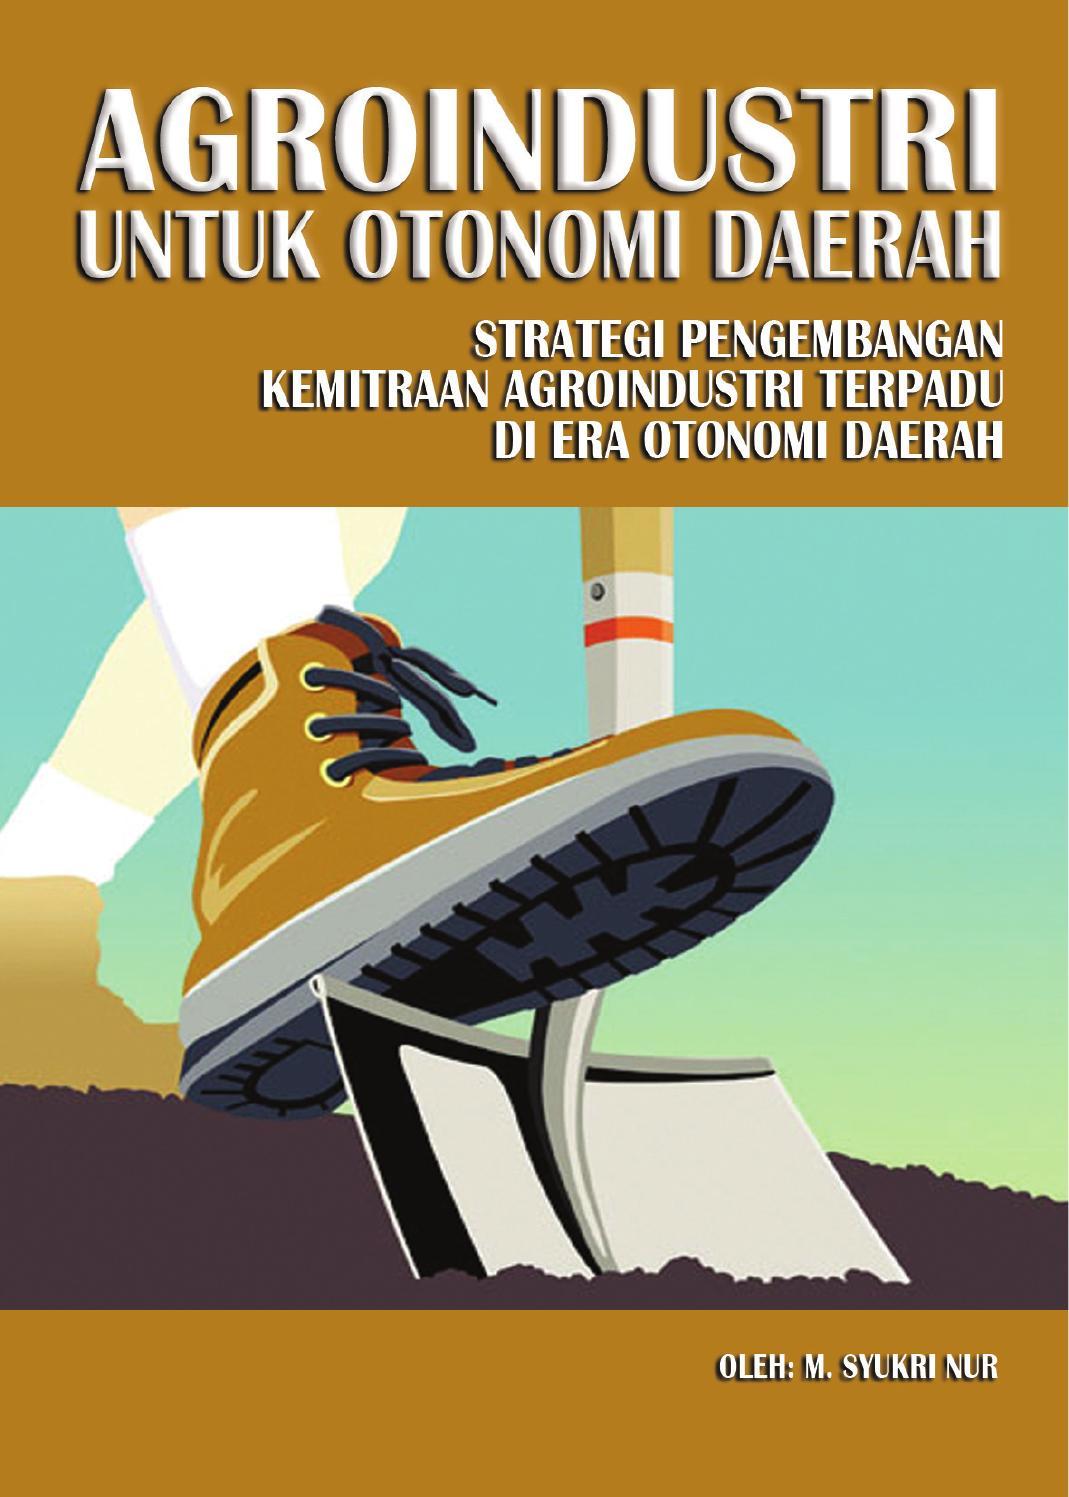 Agroindustri Untuk Otonomi Daerah By Syukri Muhammad Nur Issuu